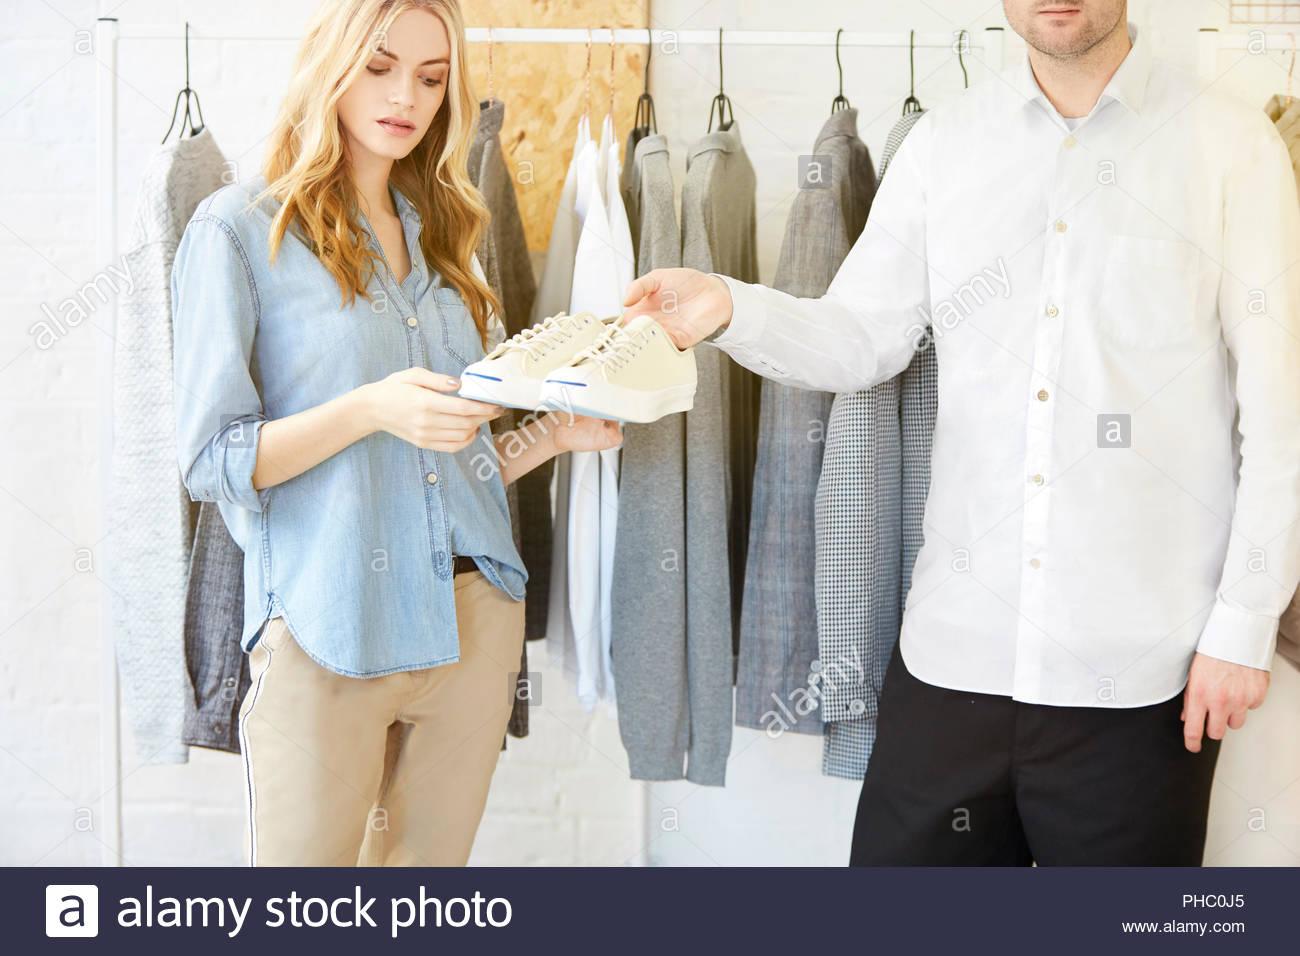 Mujer joven se entregaron zapatos de dependienta. Imagen De Stock